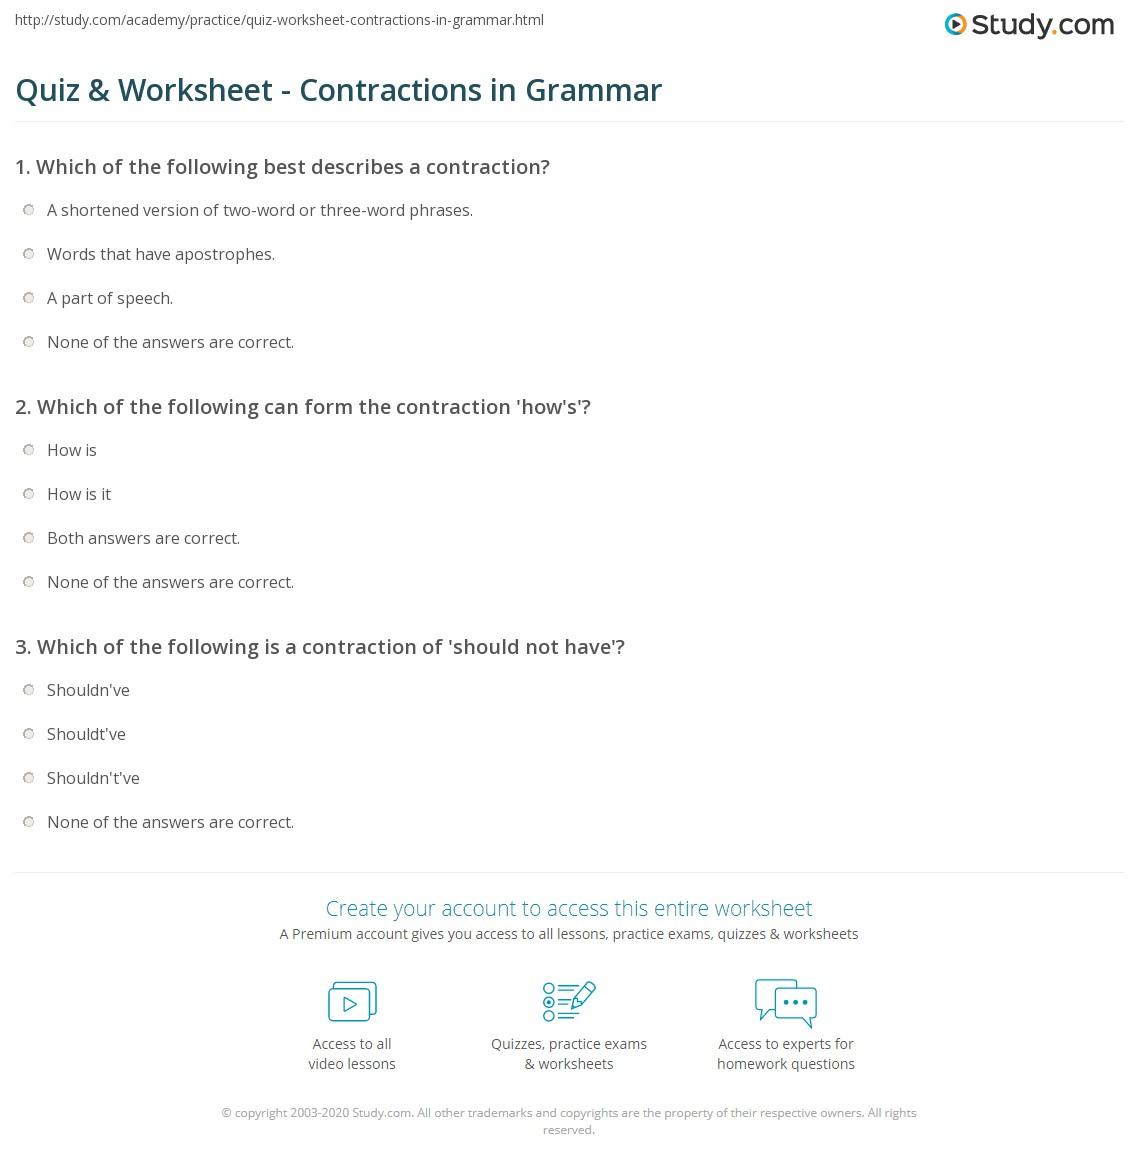 hight resolution of Quiz \u0026 Worksheet - Contractions in Grammar   Study.com